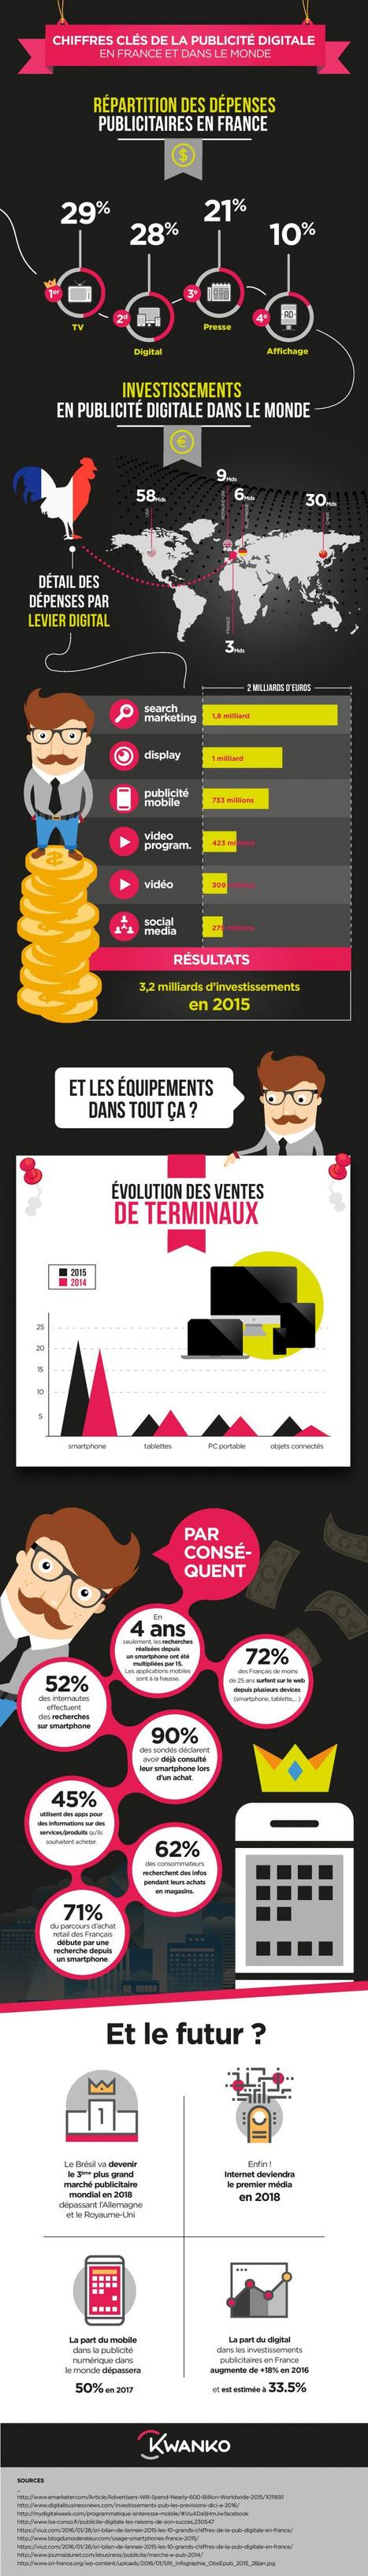 Chiffres clés de la publicité digitale en France & dans le monde | Les infographies ! | Scoop.it